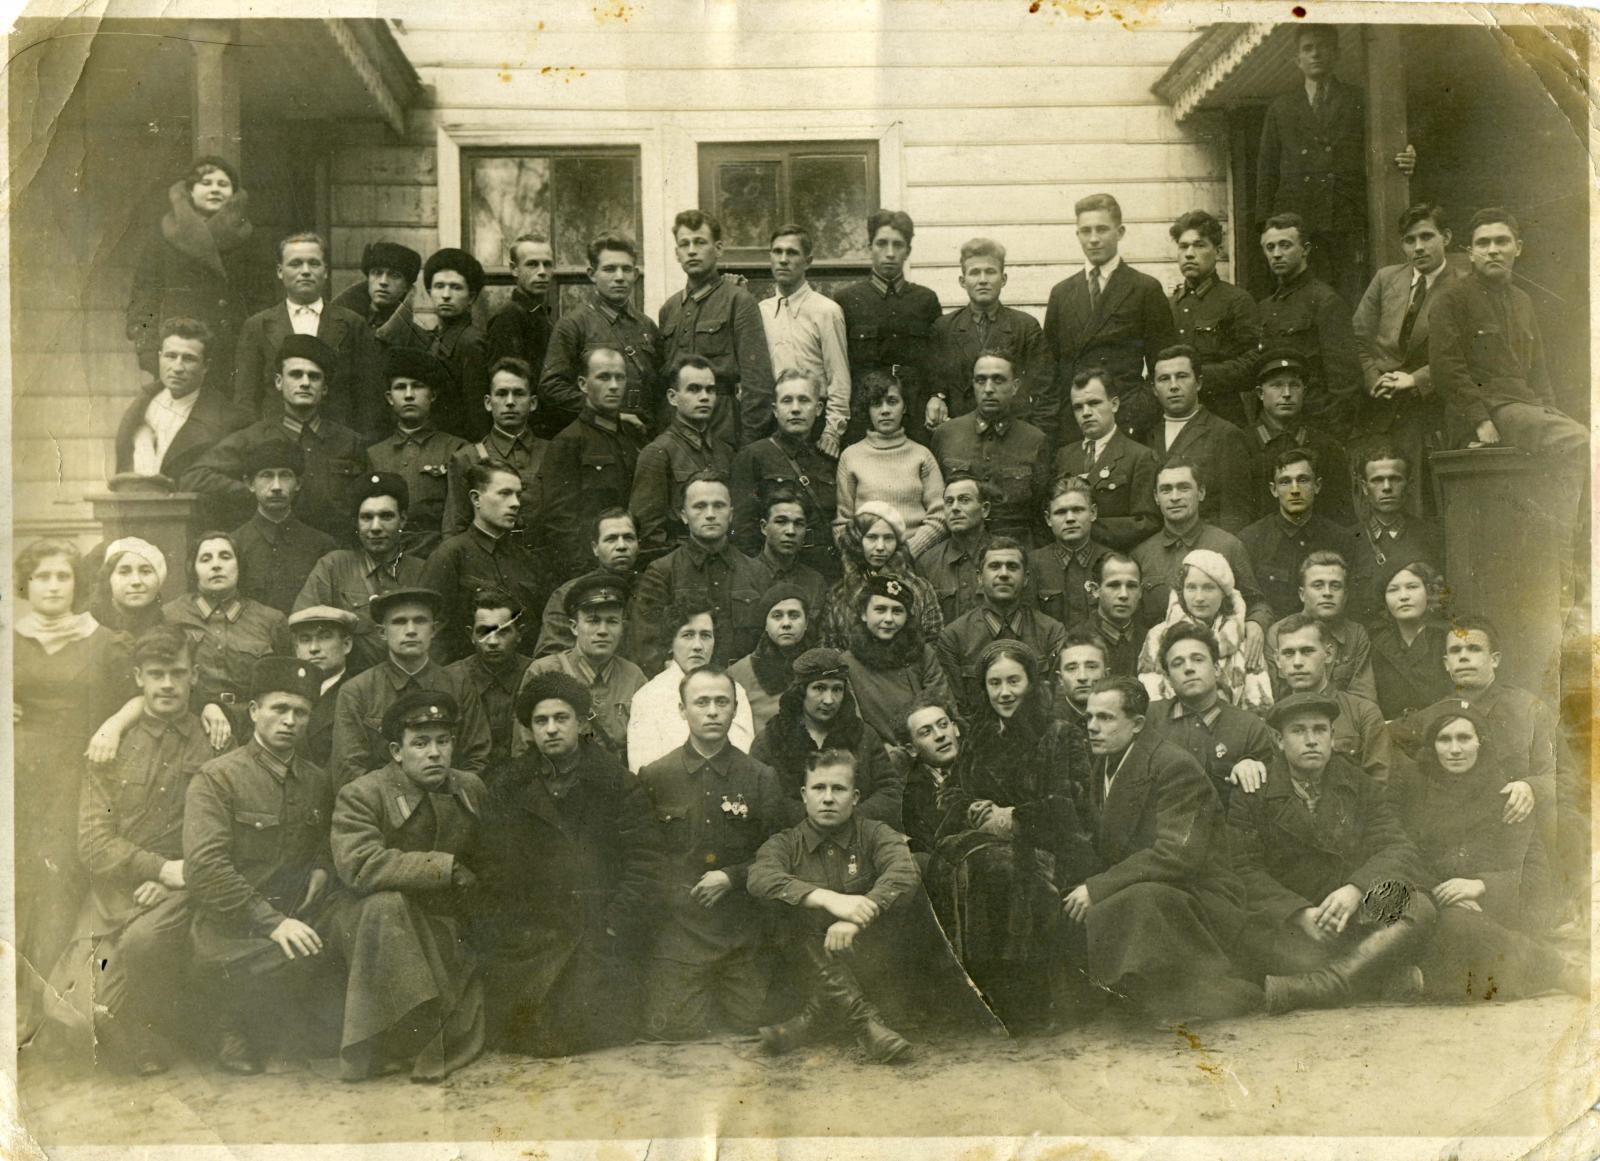 1938. Группа работников системы ГУЛАГа